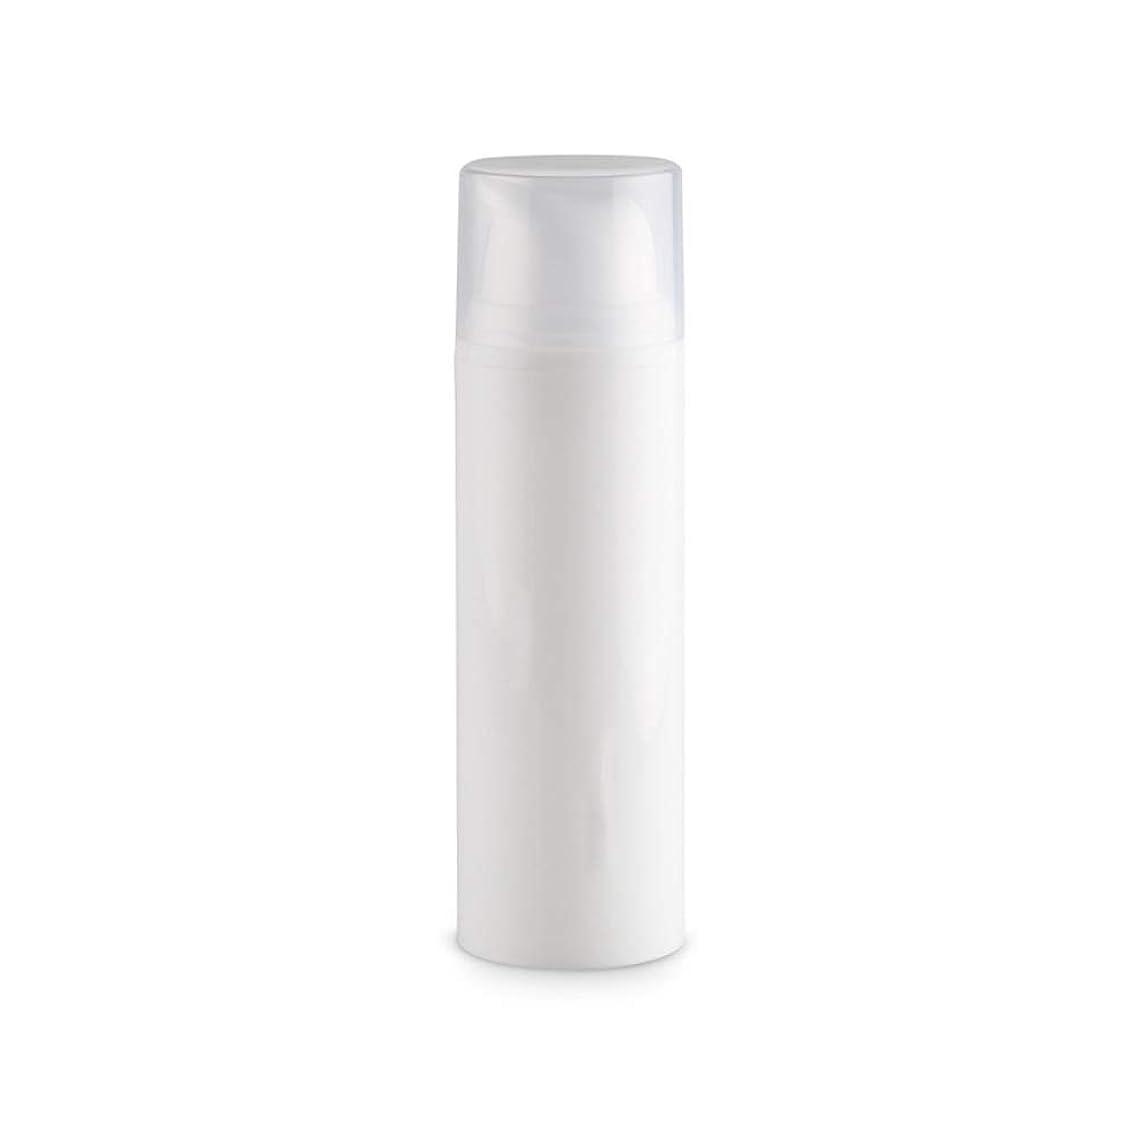 支援する謙虚無限Vi.yo 小分けボトル ポンプボトル 化粧水 押し式詰替用ボトル 携帯用 旅行用品 30ml